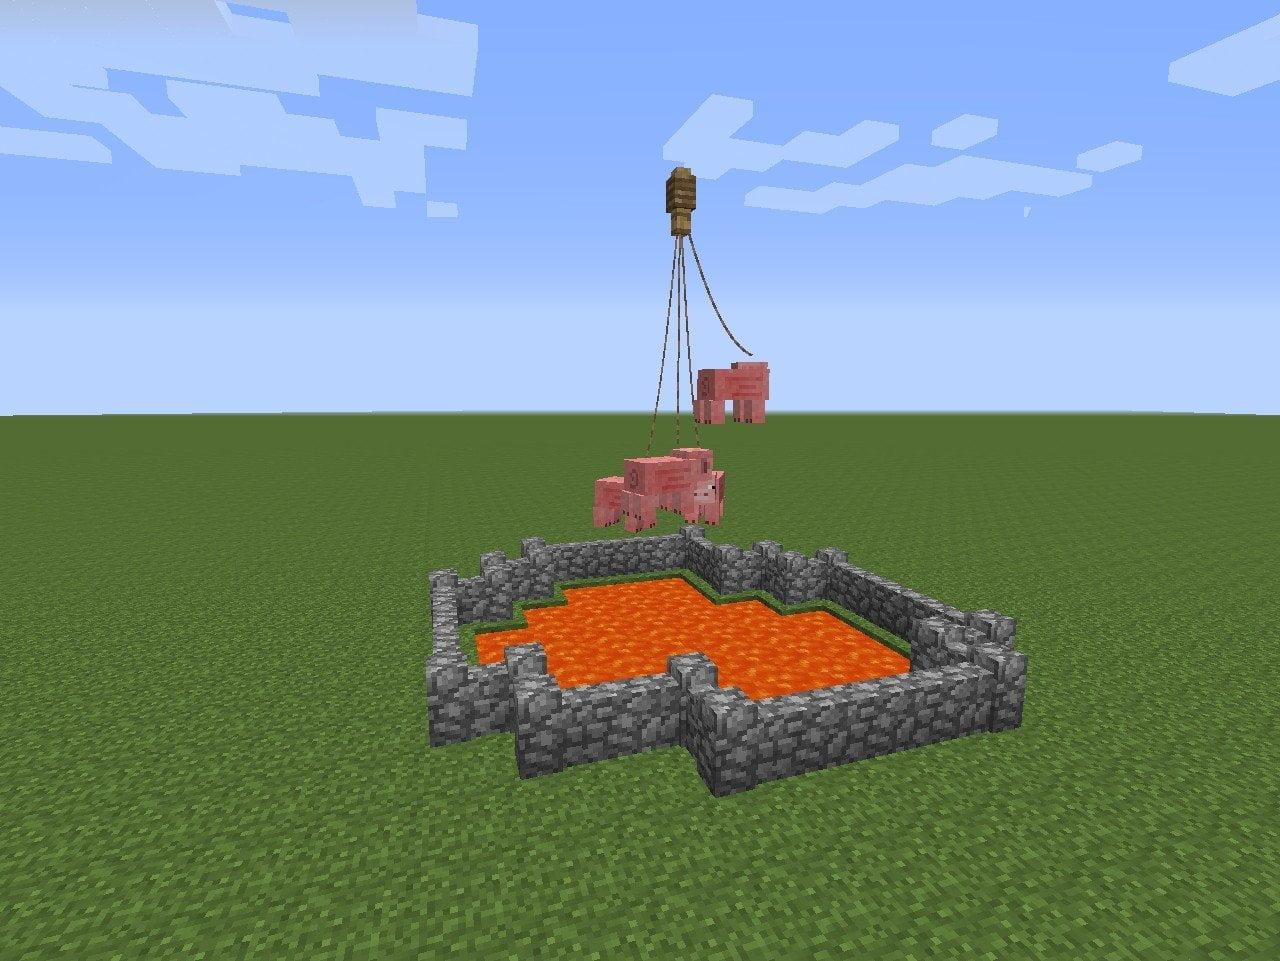 schweine stuntshow in minecraft bauen minecraft. Black Bedroom Furniture Sets. Home Design Ideas